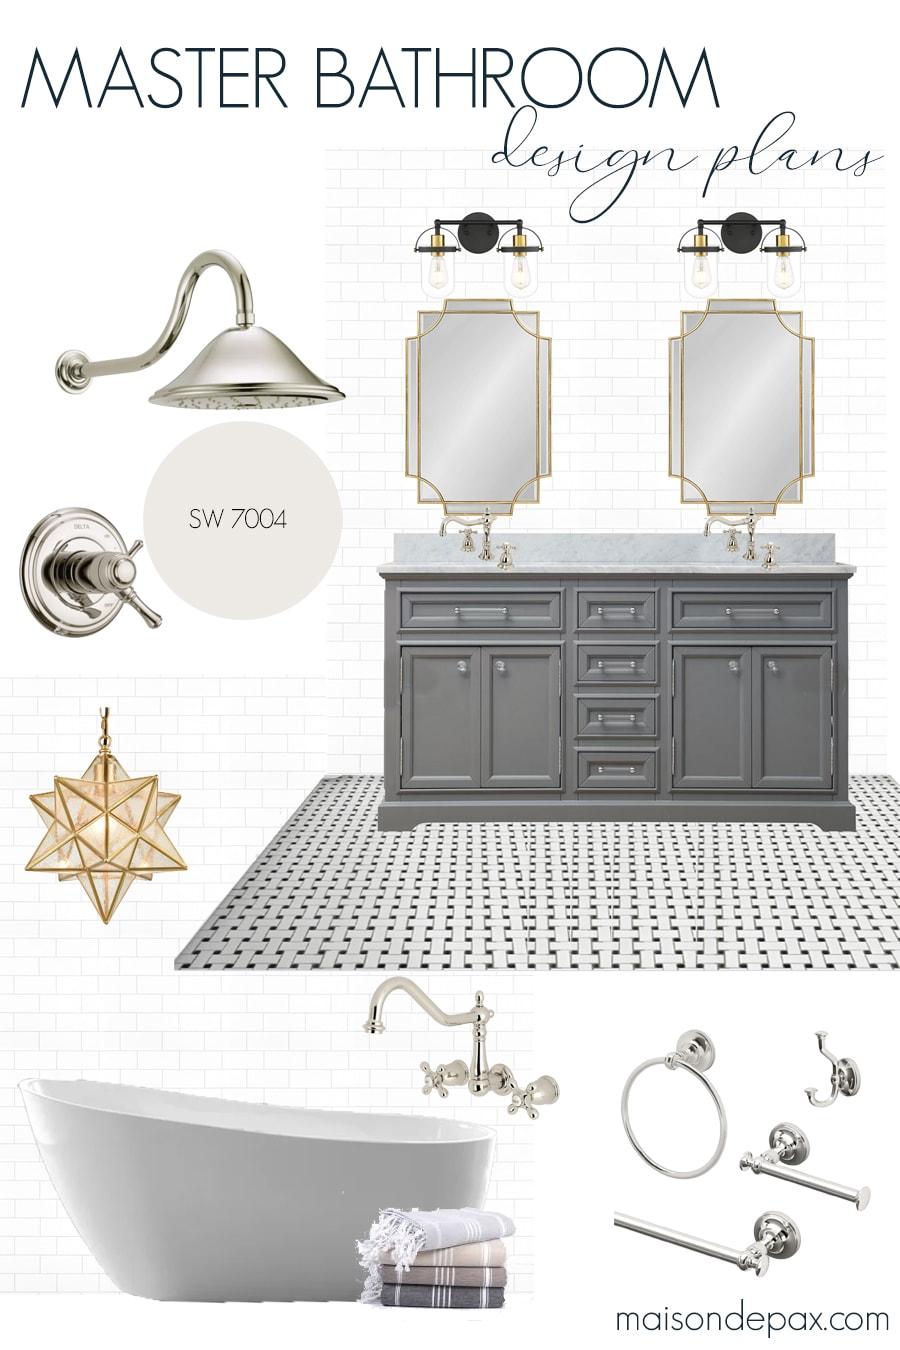 classic master bathroom design plans | Maison de Pax